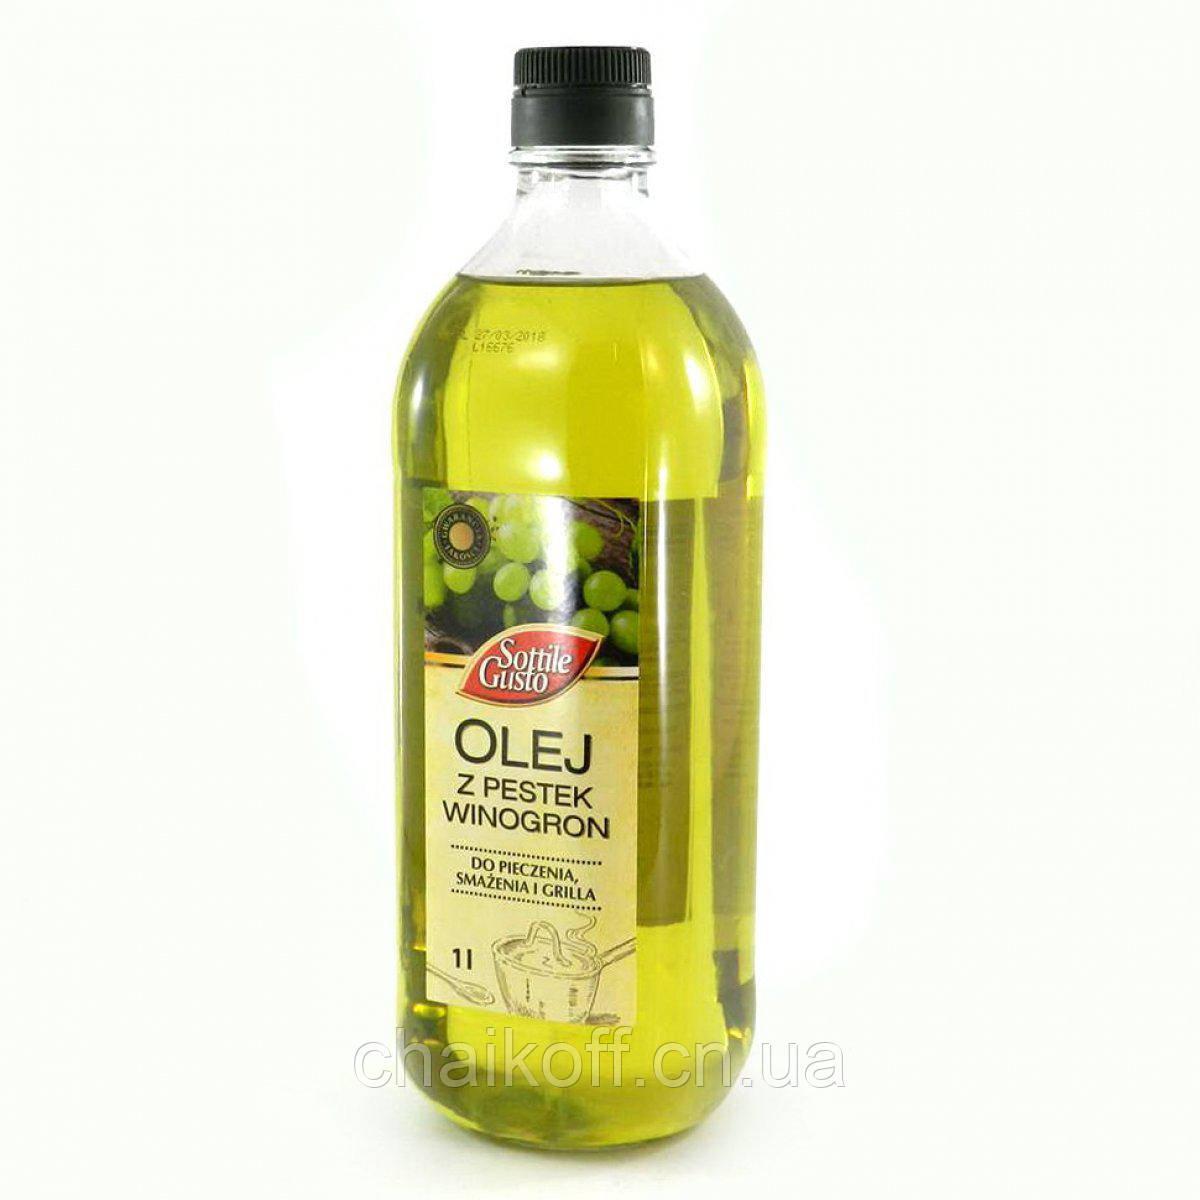 Масло из виноградных косточек Sottile Gusto1 л ( Польша)